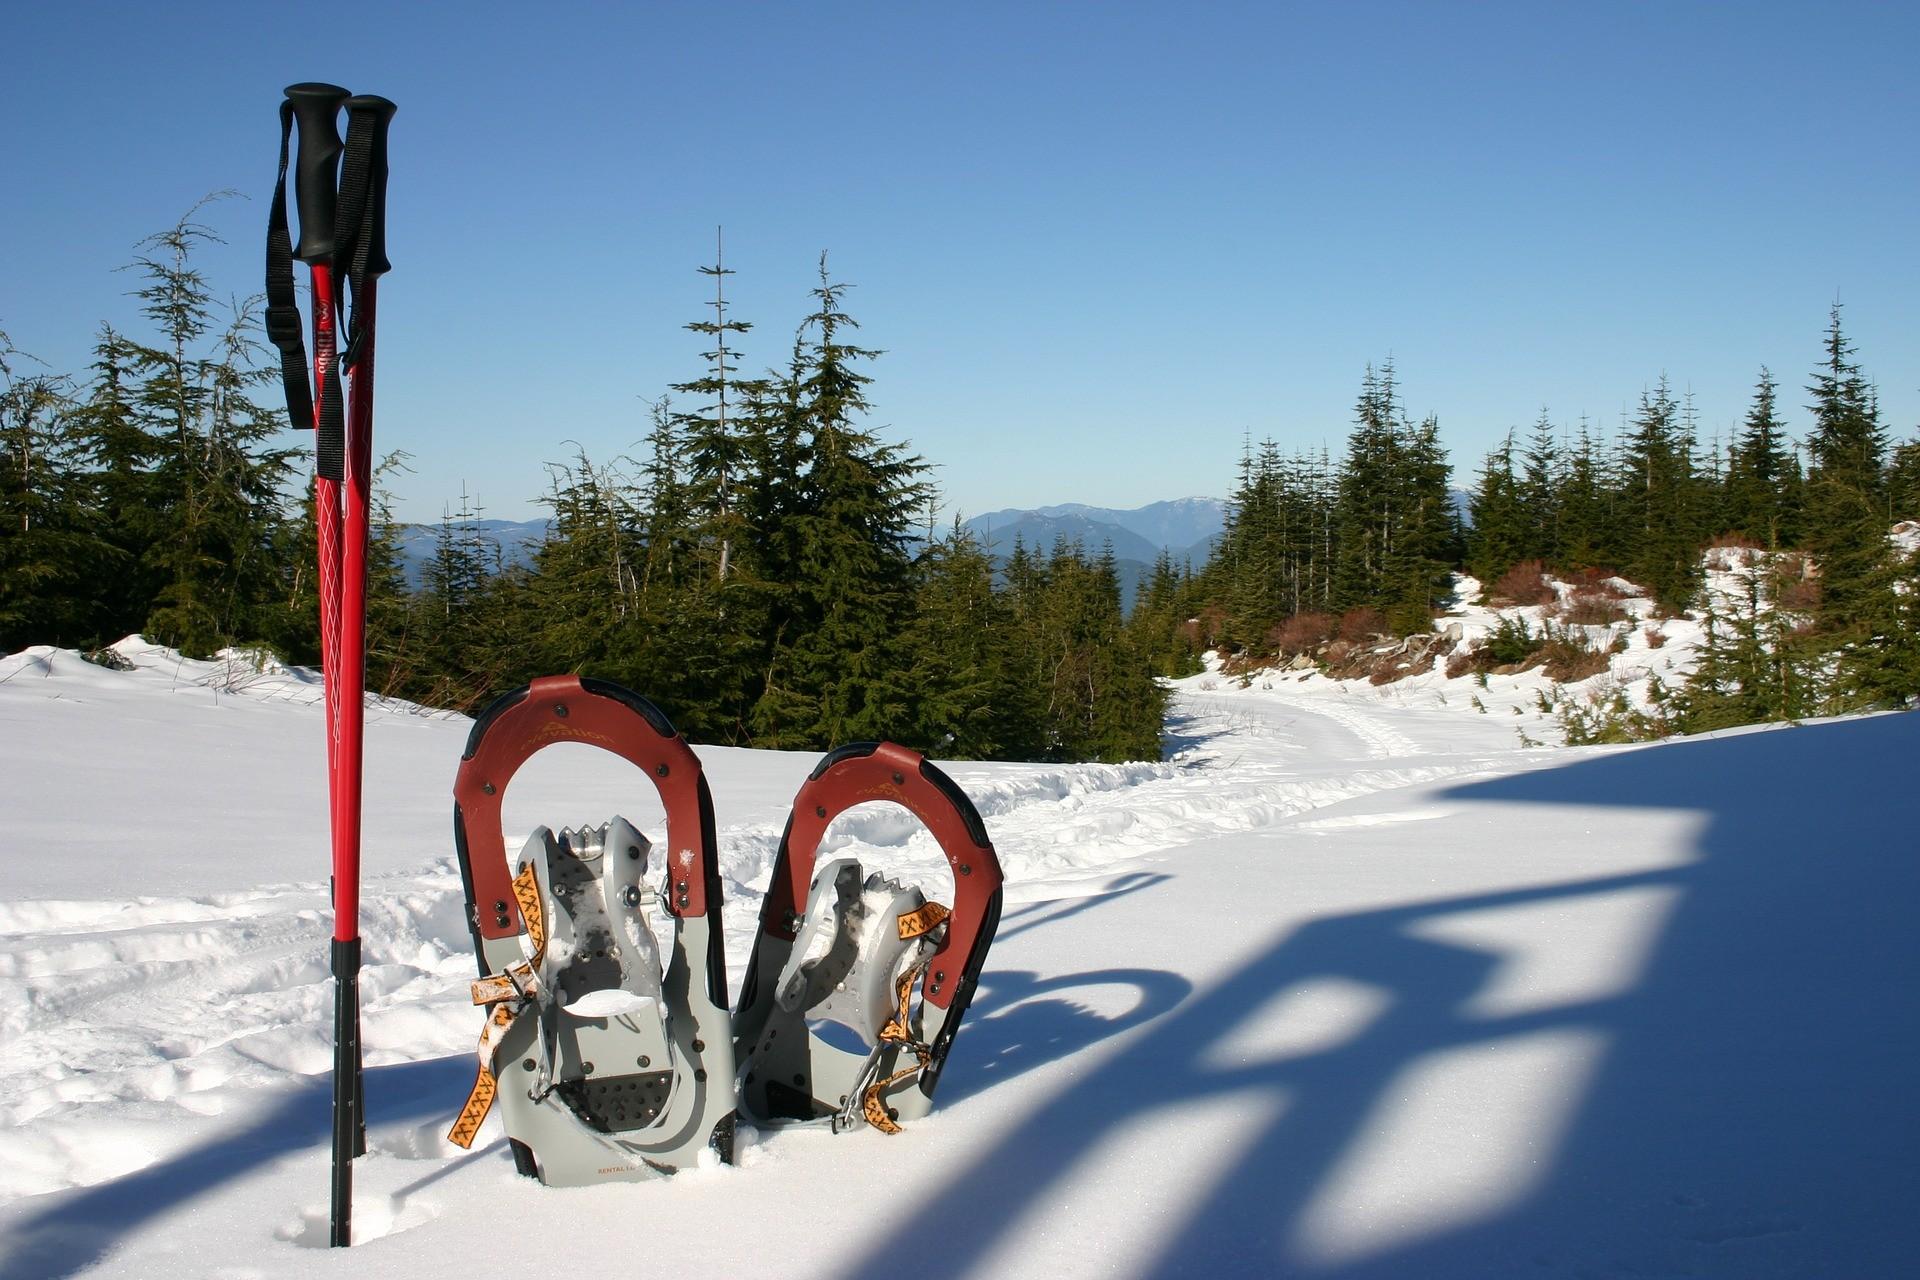 Sneeuwschoencircuits